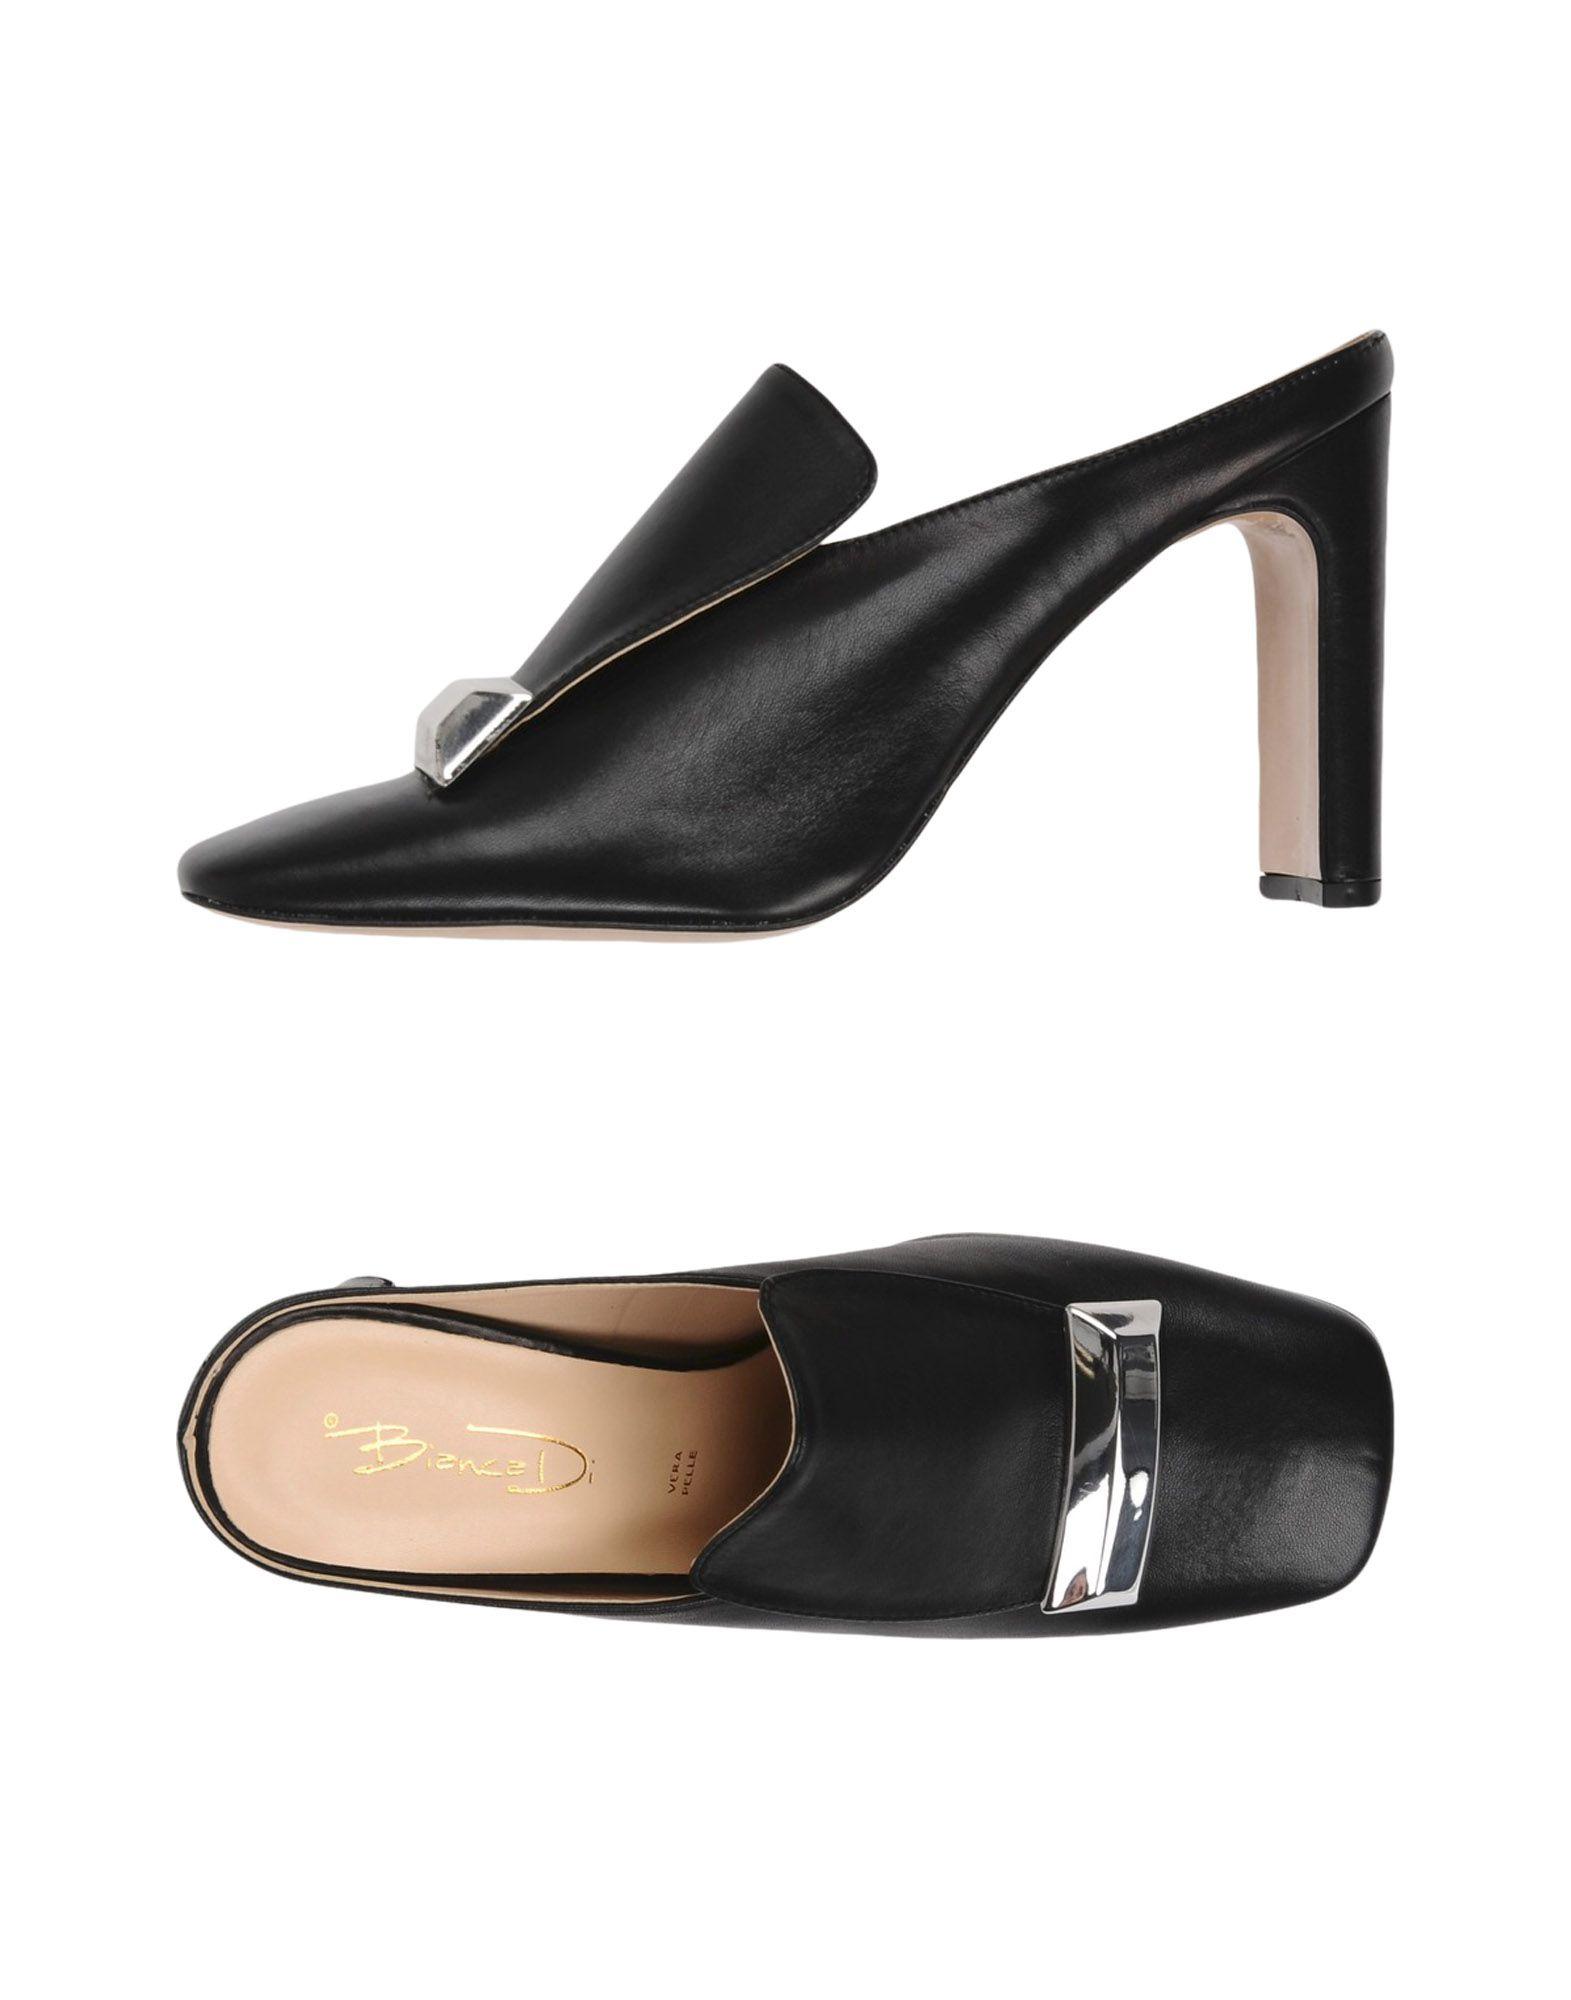 Bianca Di Pantoletten Qualität Damen  11441006EO Gute Qualität Pantoletten beliebte Schuhe dc467b